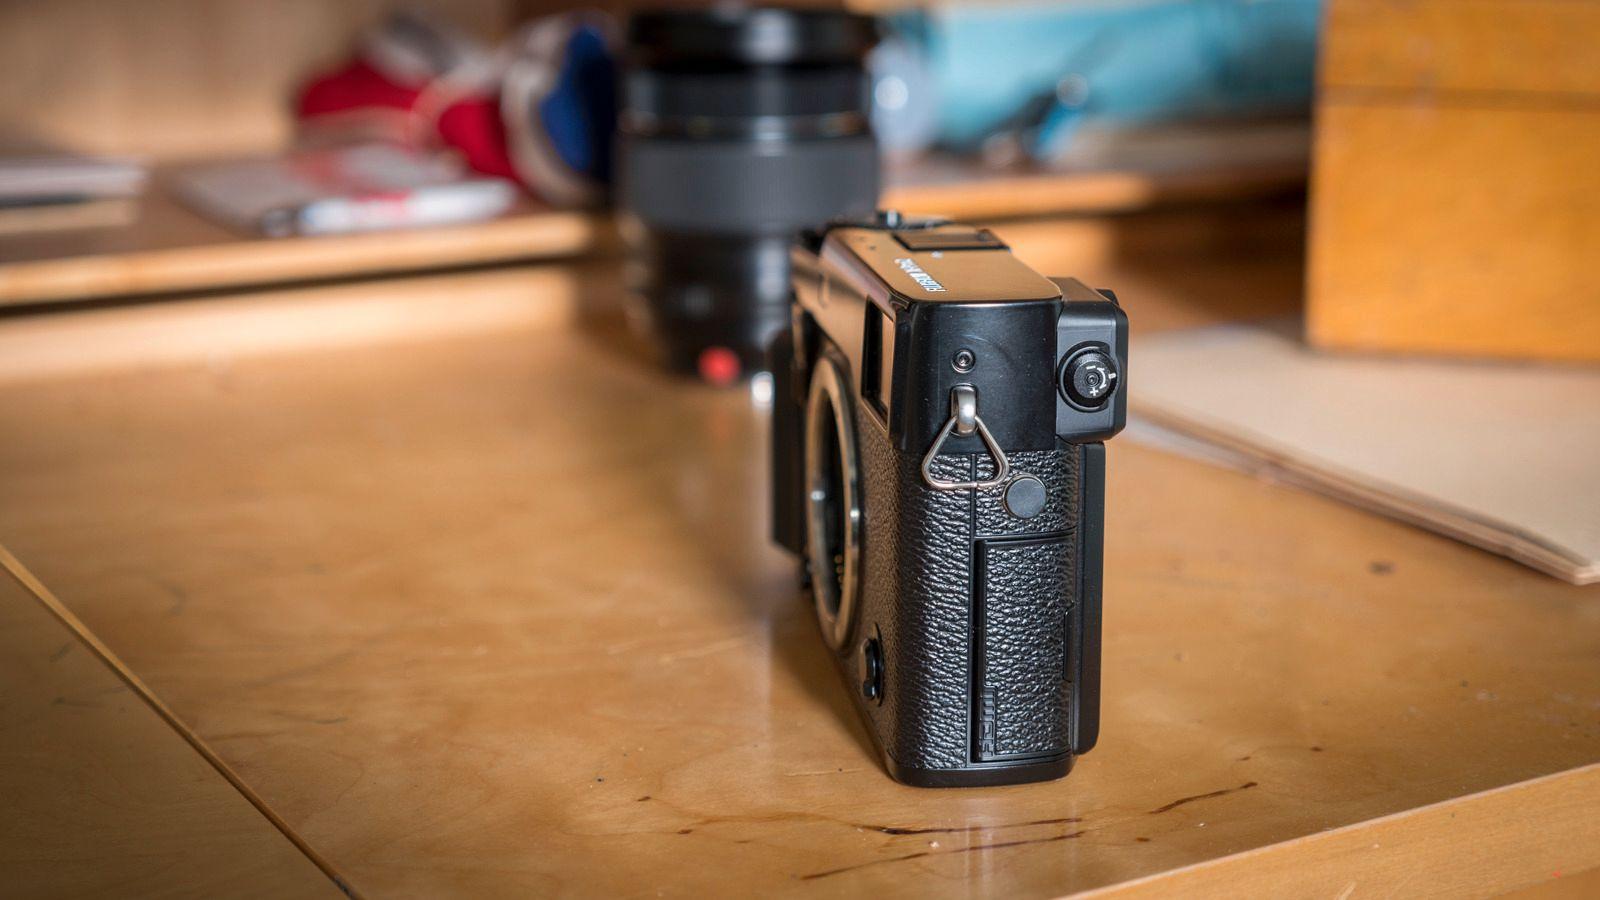 Siden X-Pro2 ikke er utstyrt med noe særlig til kameragrep, er designet mye smalere enn de fleste andre APS-C-kameraene på markedet. Heldigvis finnes det et bedre kameragrep som ekstrautstyr.